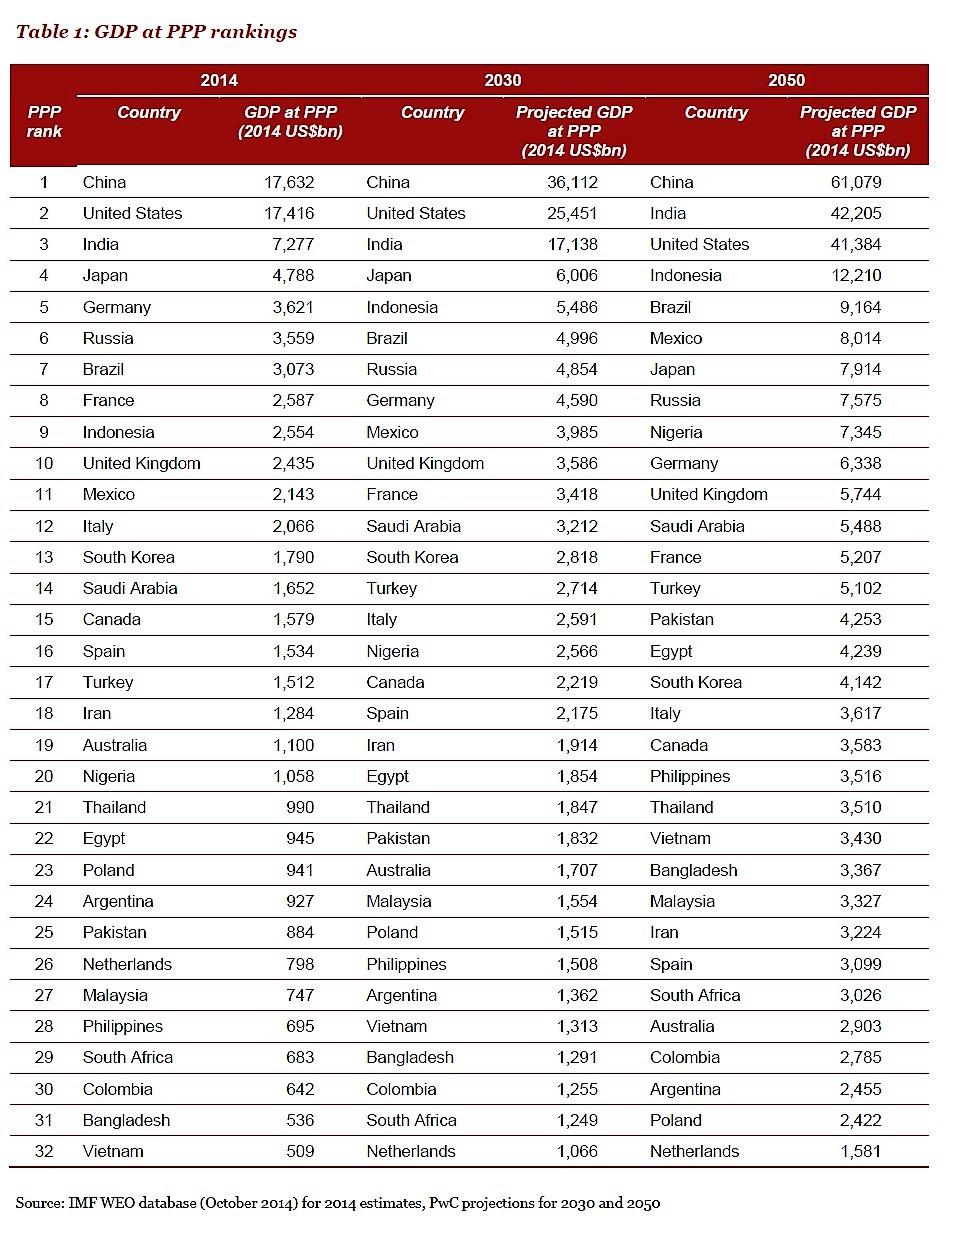 Penulisan Angka Dalam Bahasa Inggris 1 Sampai 100 : penulisan, angka, dalam, bahasa, inggris, sampai, Gambar, Angka, Sampai, Bahasa, Inggris